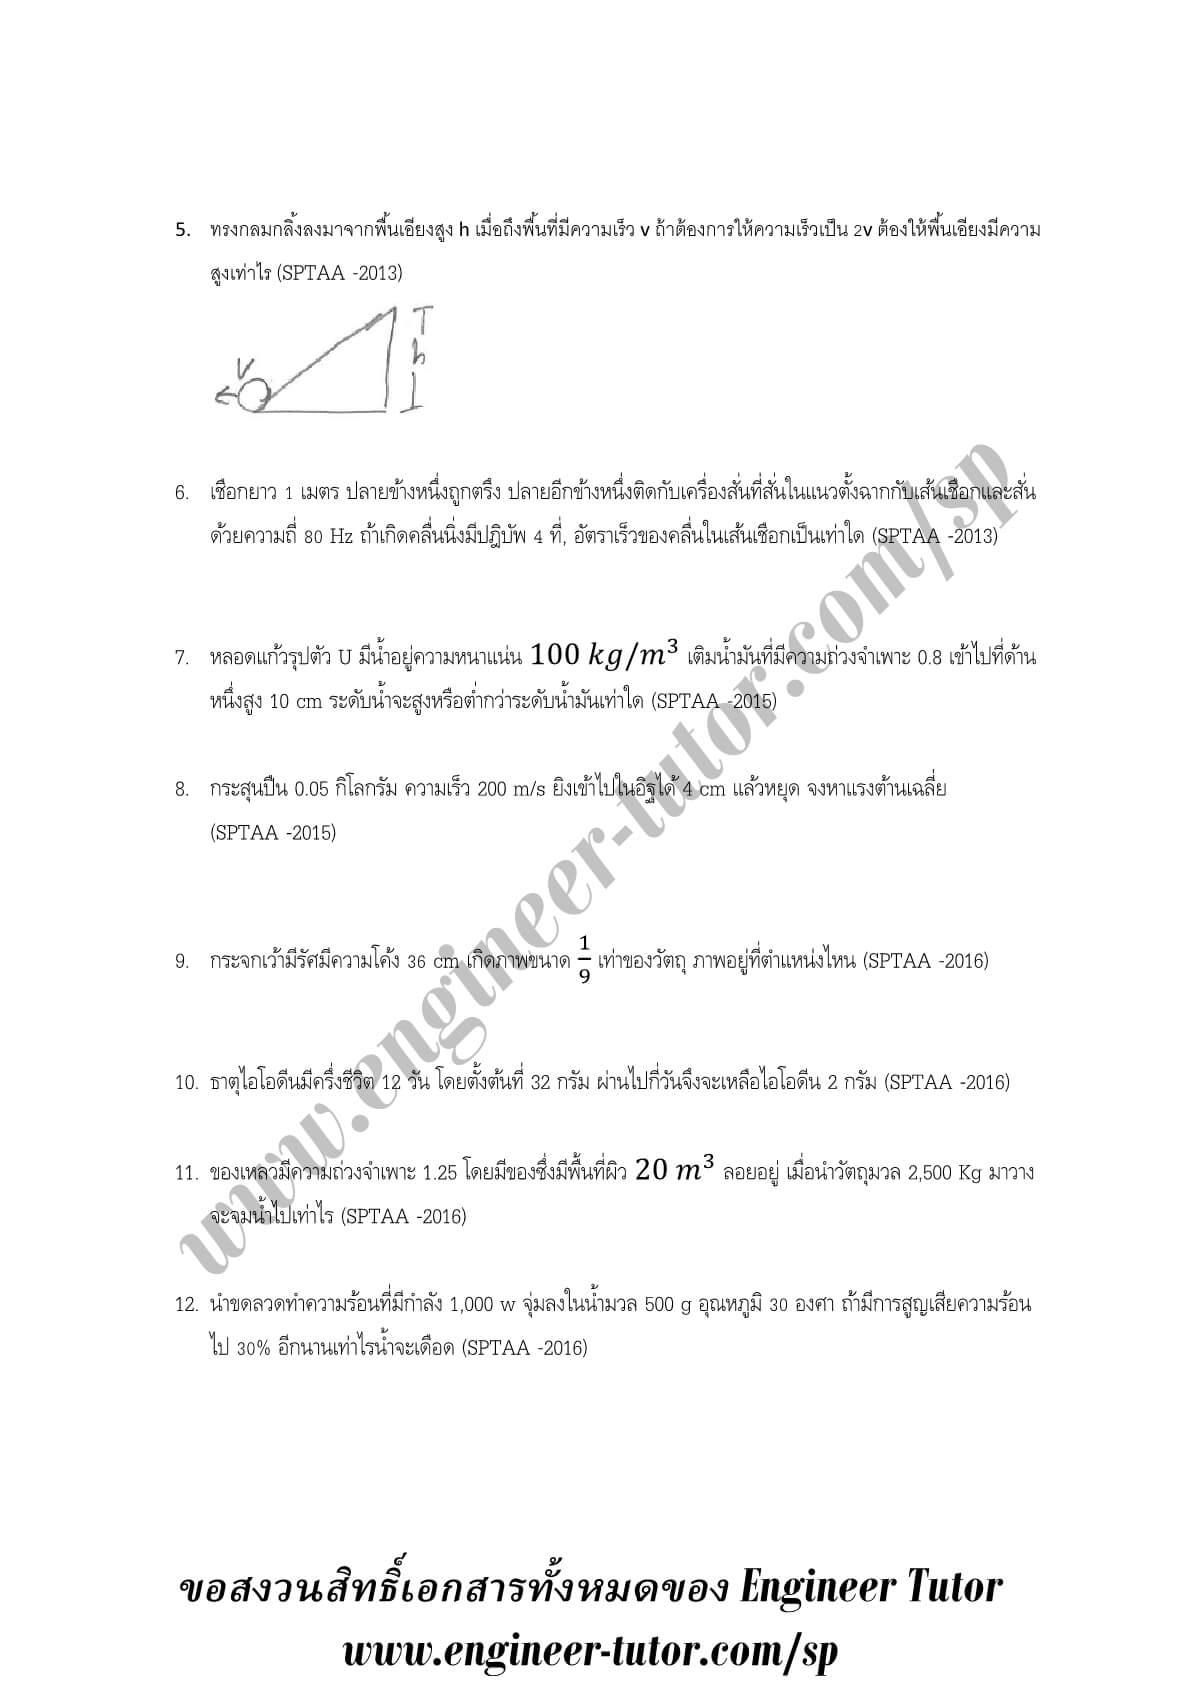 ตัวอย่างข้อสอบ Student Pilot Thai Air Asia 2019